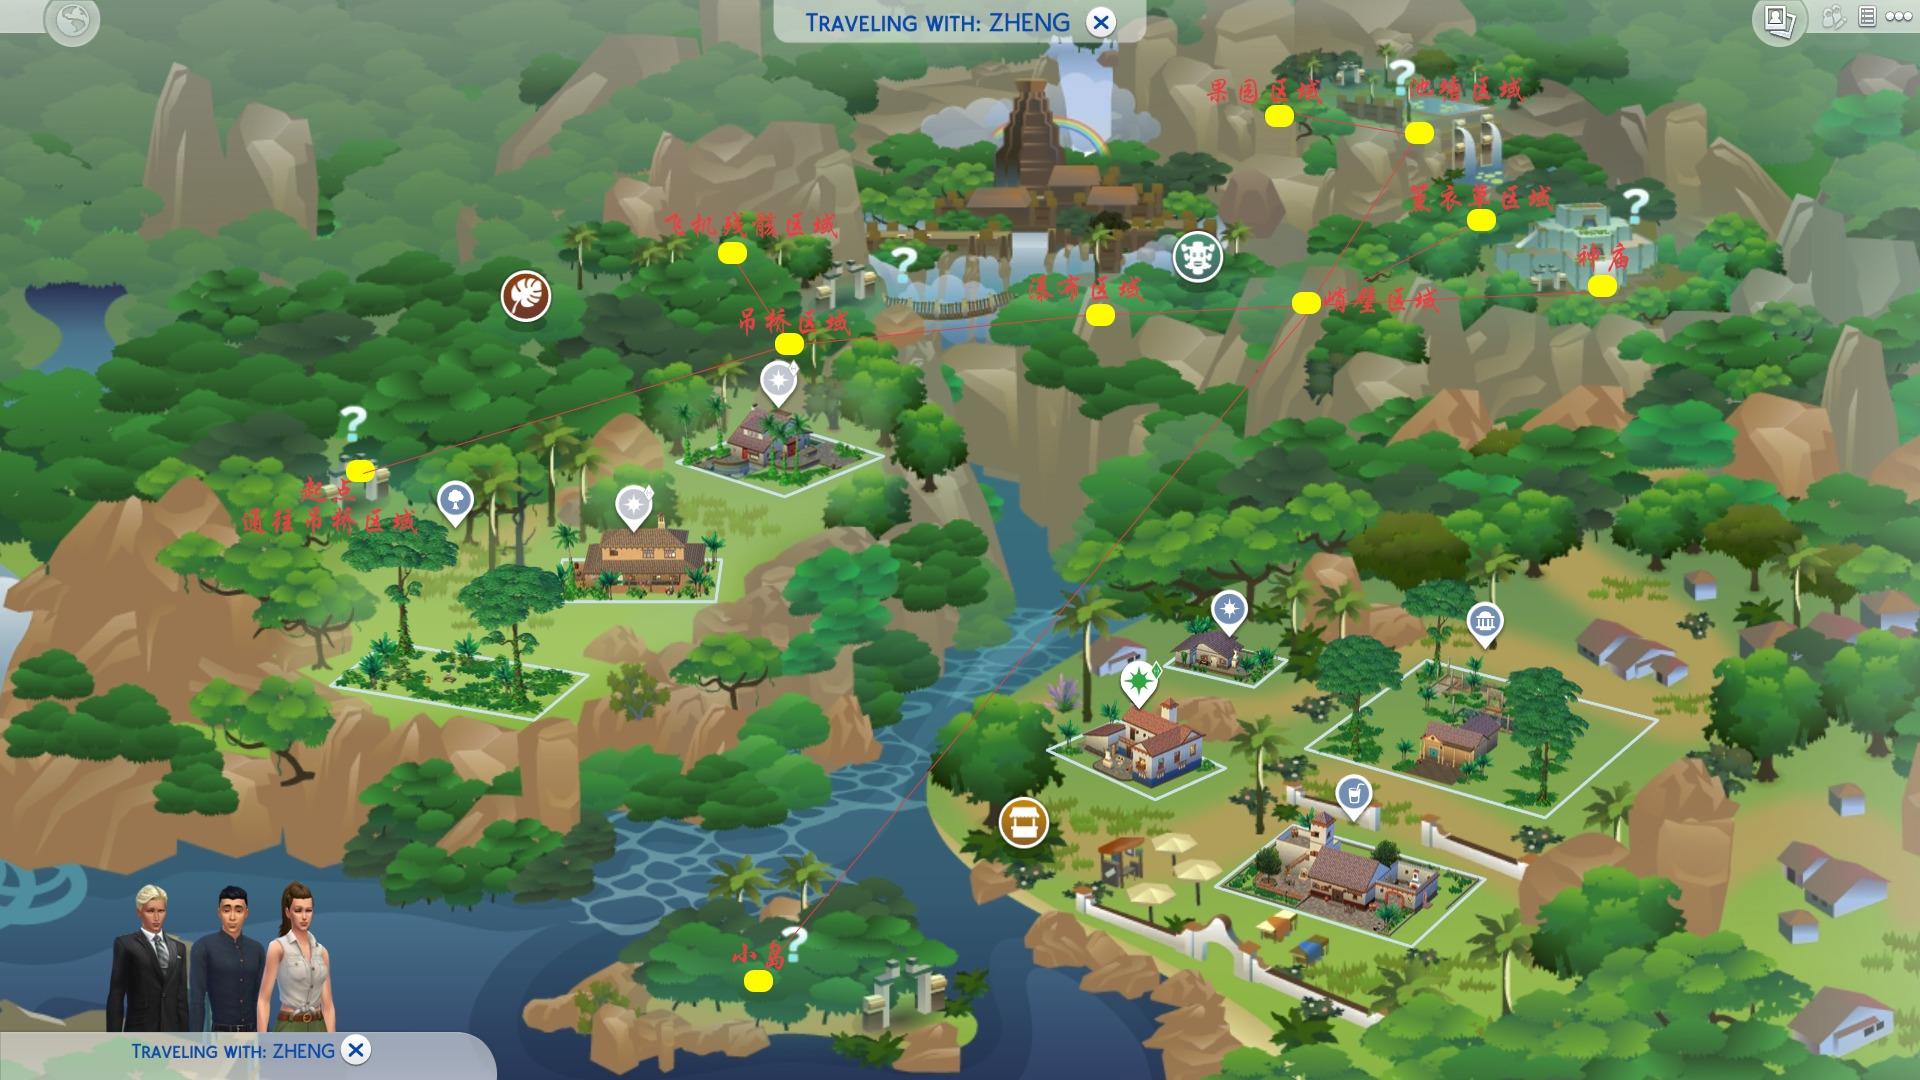 模拟人生4:丛林探险森林路线介绍 森林路线图解析